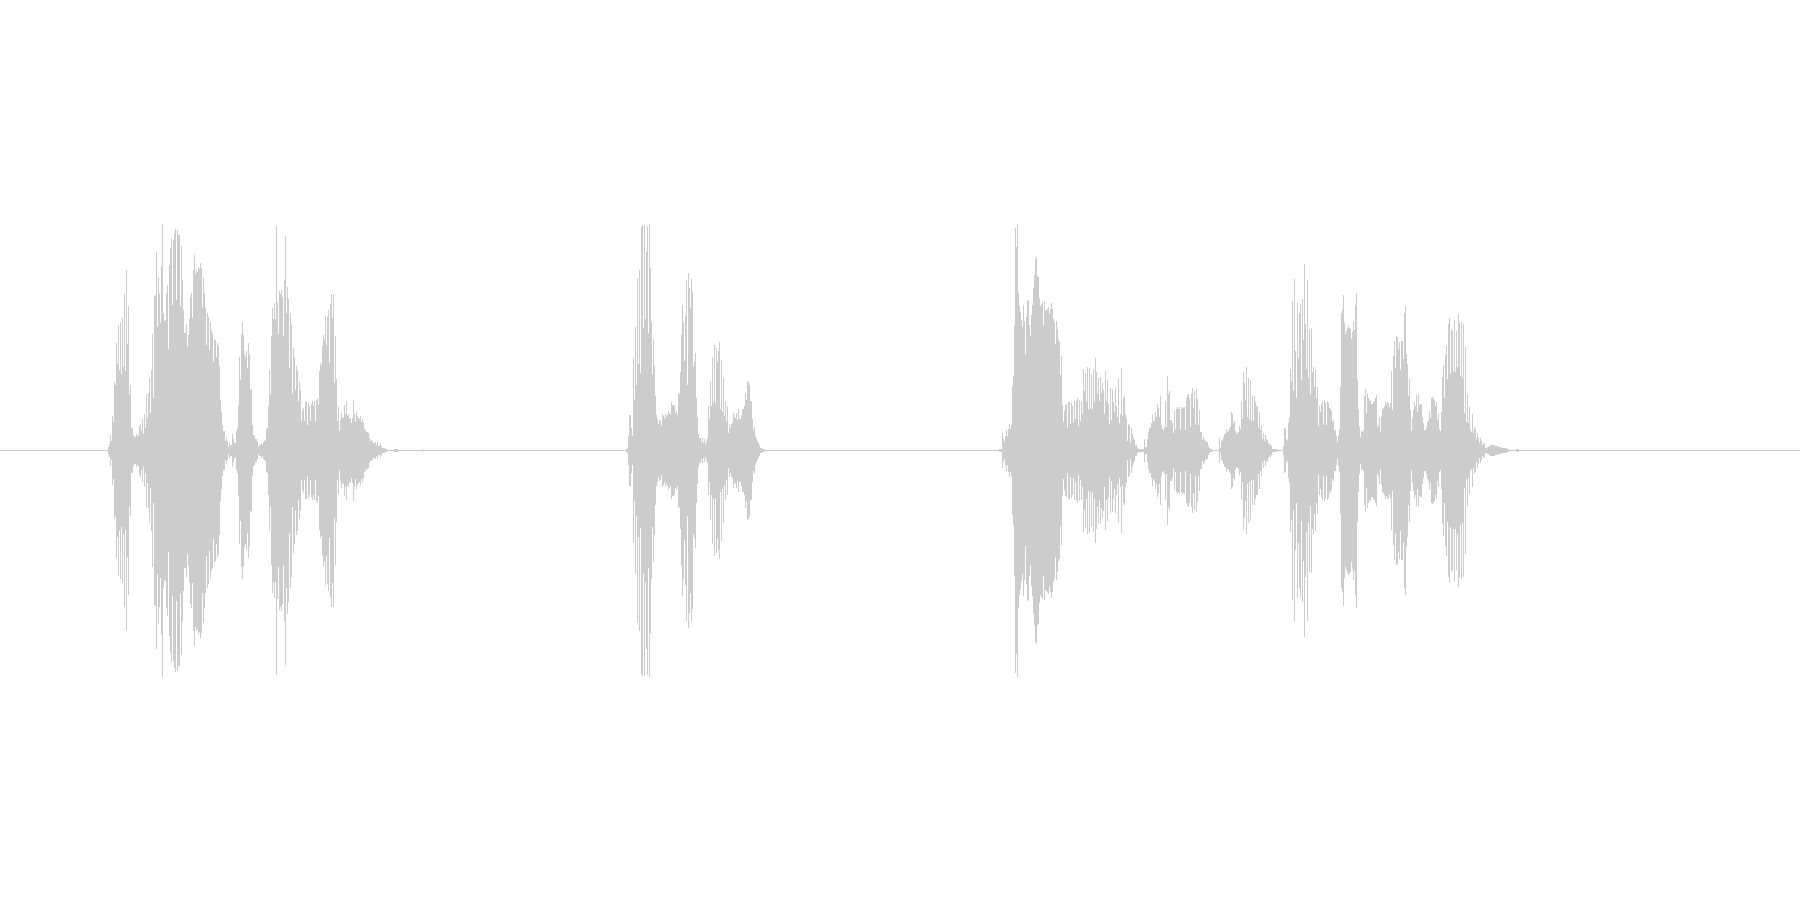 目覚まし用音声の未再生の波形